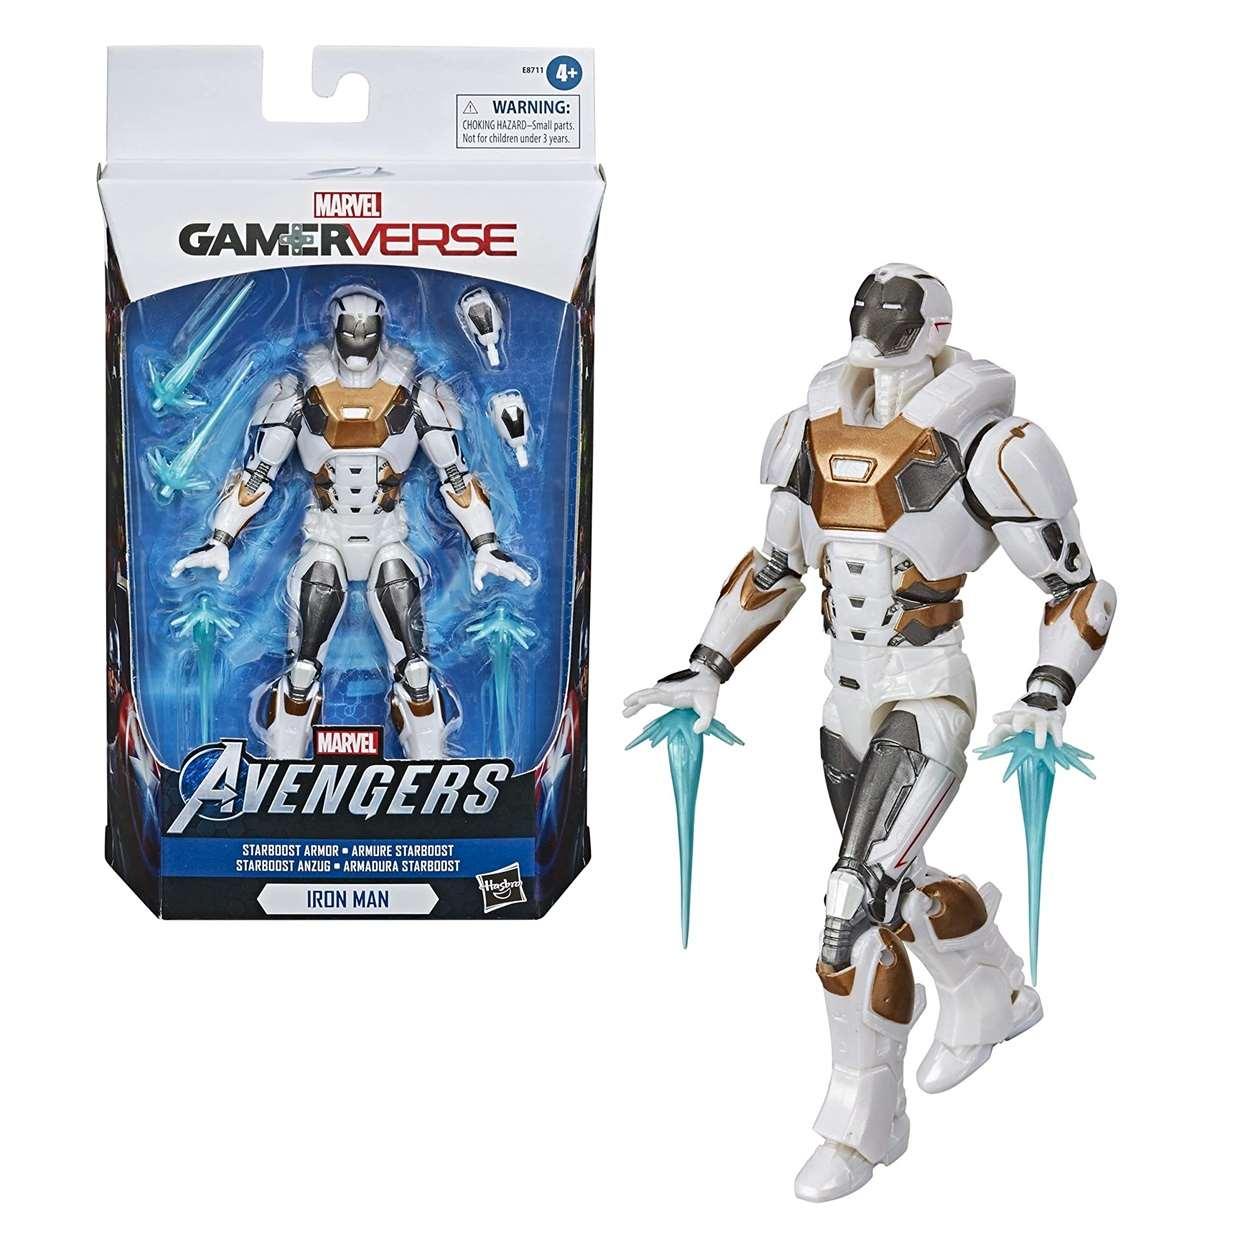 Iron Man Starboost Armor Figura Marvel Avengers Gamerverse